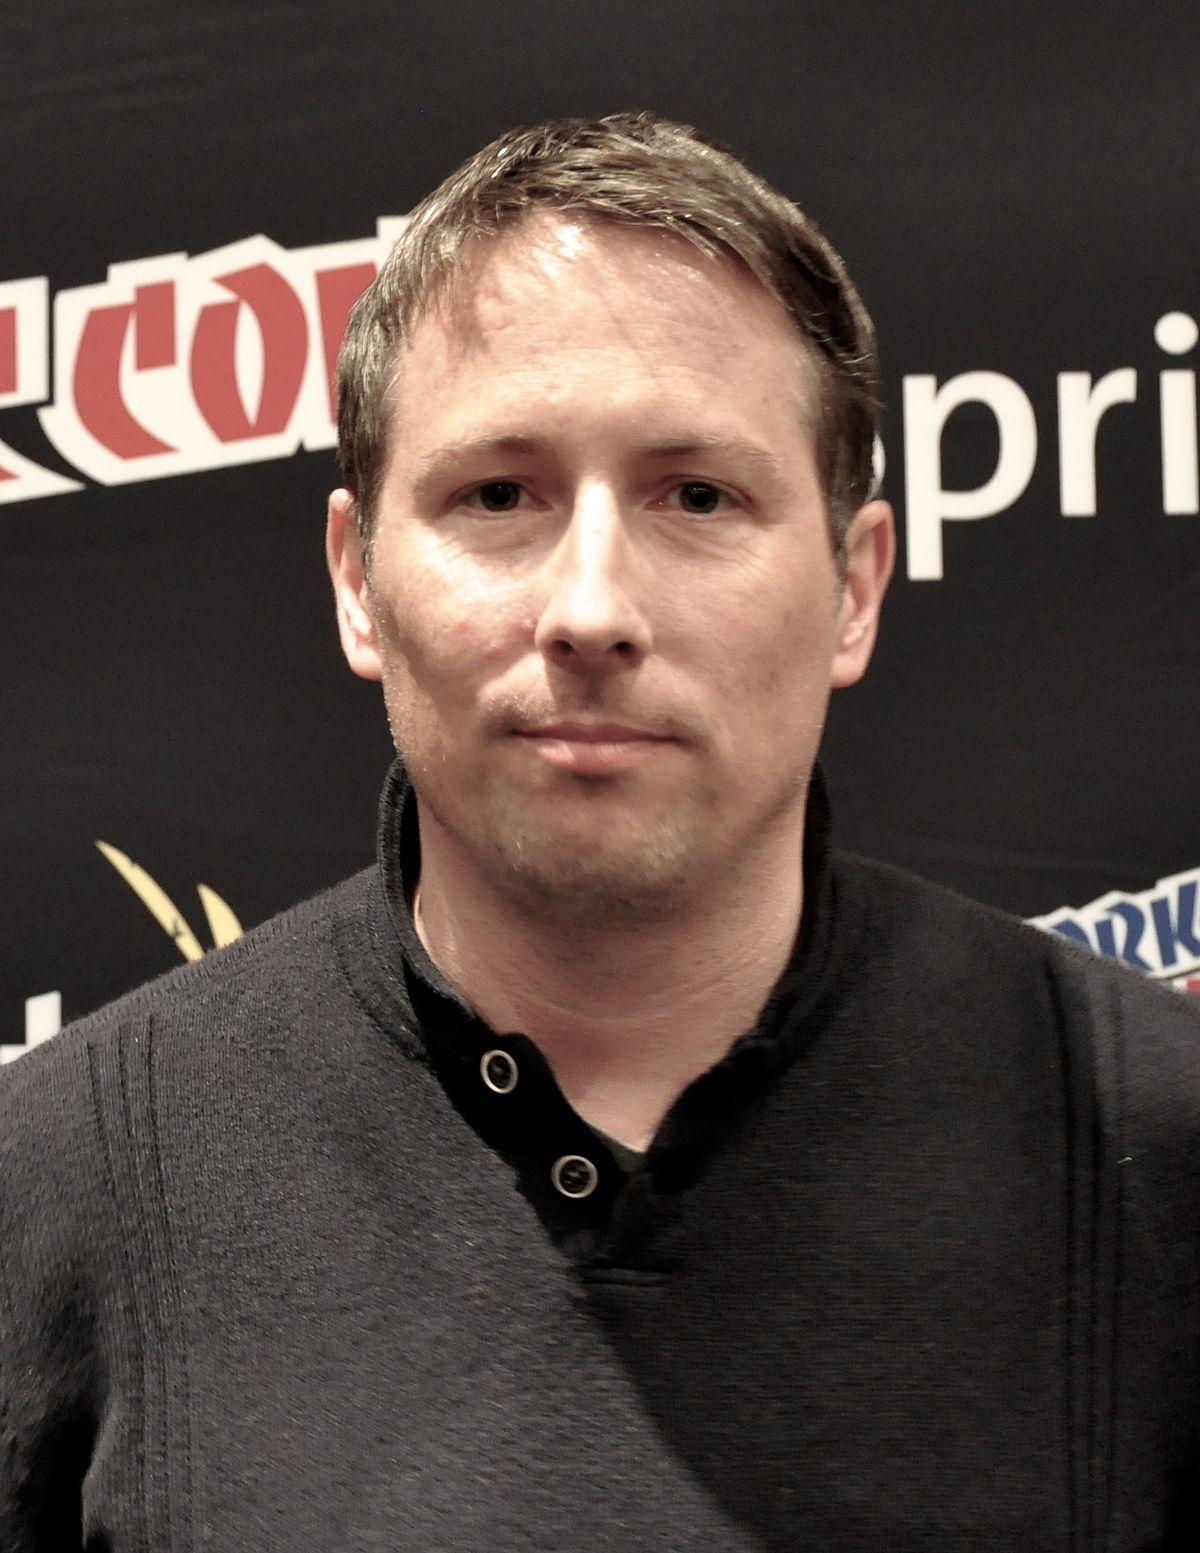 Joe Cornish Wikipedia